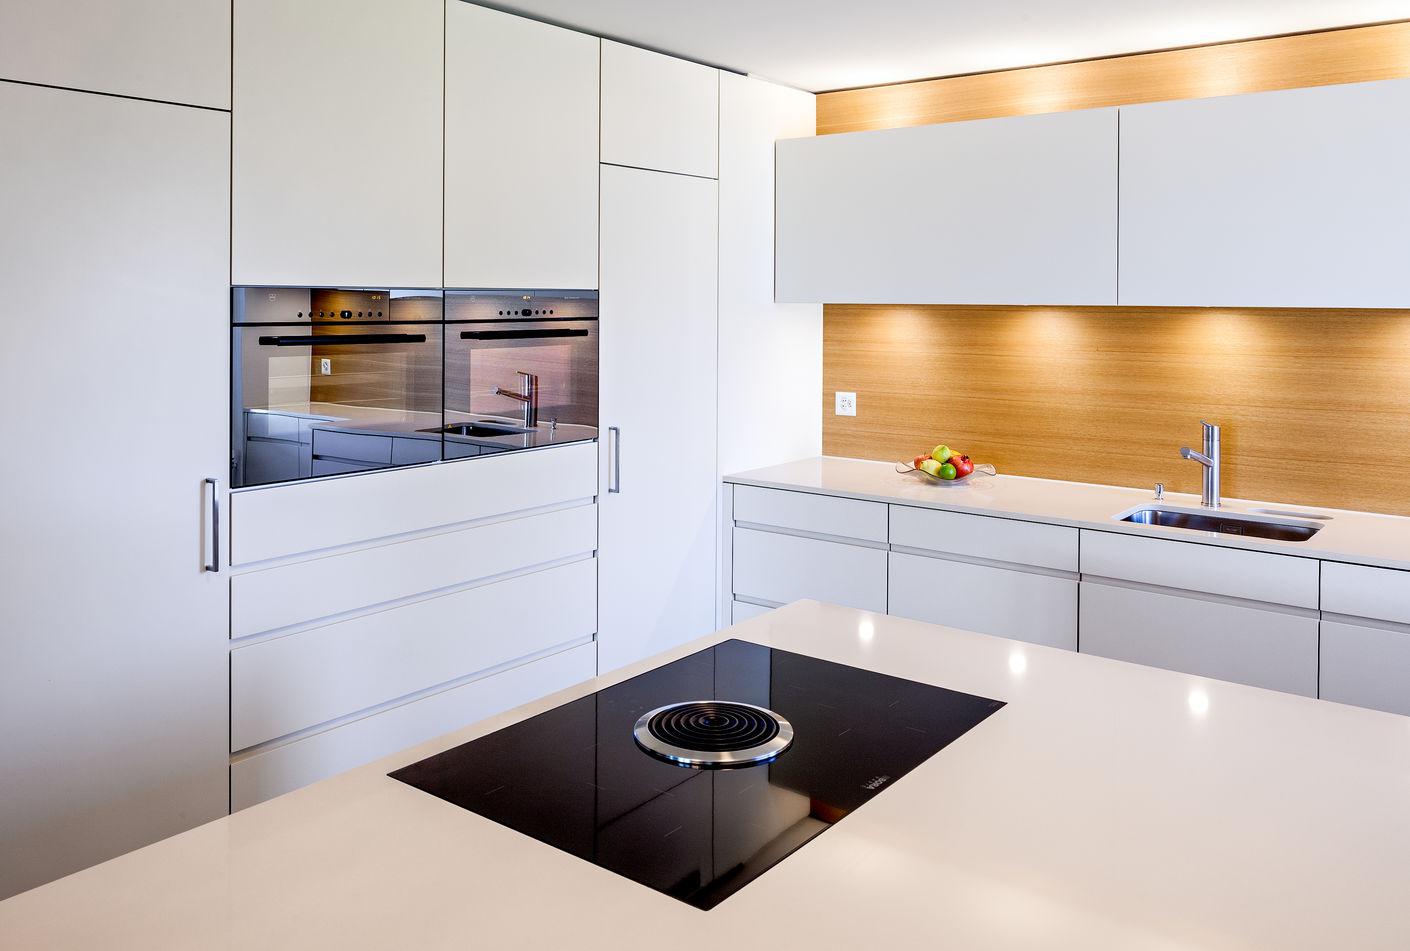 Moderne Technik und Lichteffekte: Das BORA Kochfeld mit Dampfabzug ist unscheinbar in die Kochinsel integriert. Harmonisch fügen sich die Arbeitsflächen aus poliertem Silestone ein und erzeugen Lichtspiele auf ihrer Oberfläche.